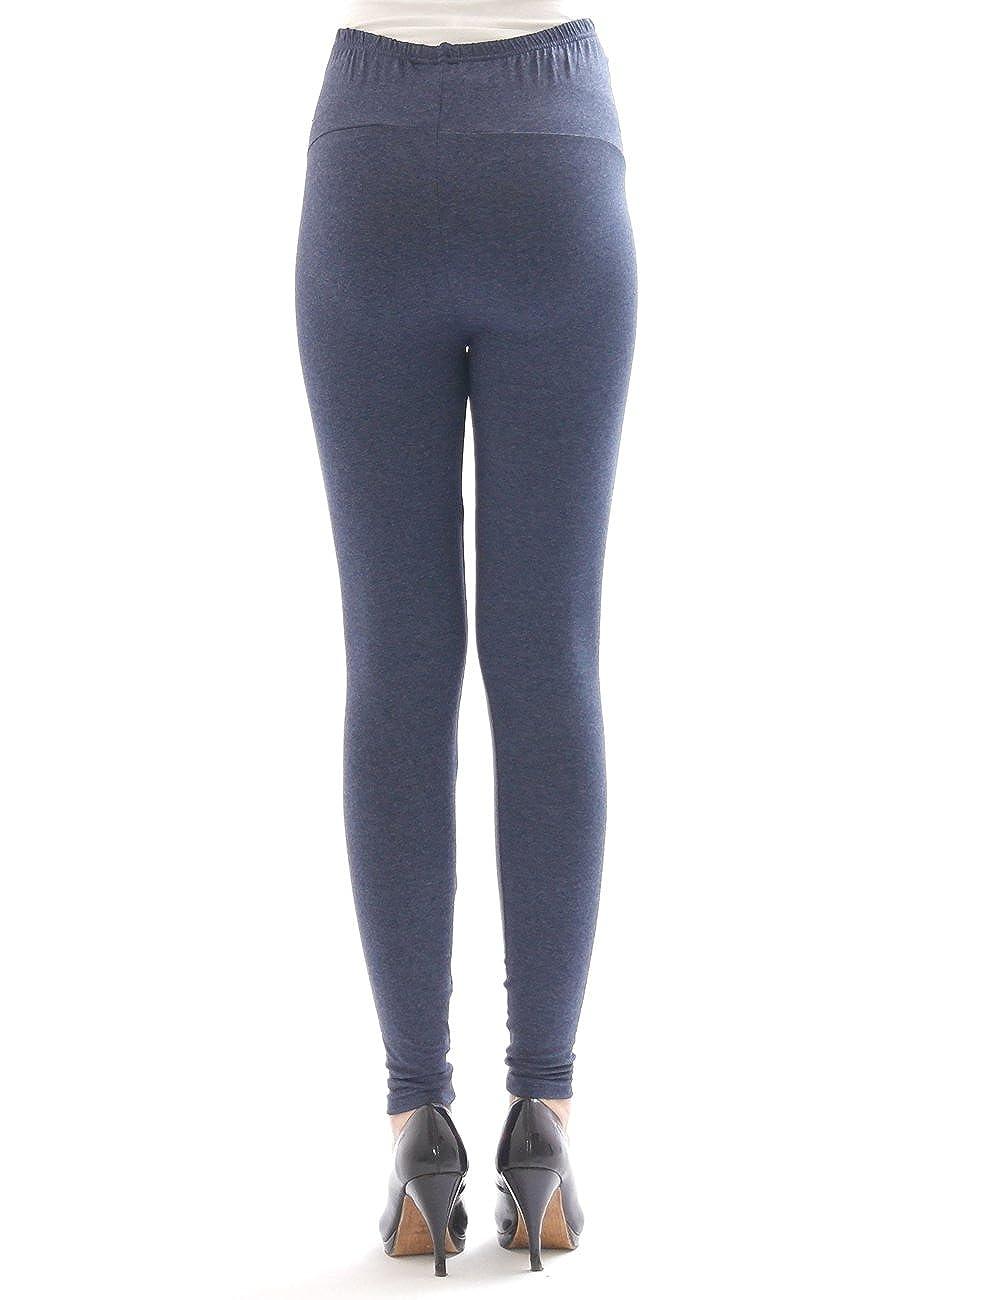 yeset Umstand Hose Umstandsleggings Leggings lang aus Baumwolle